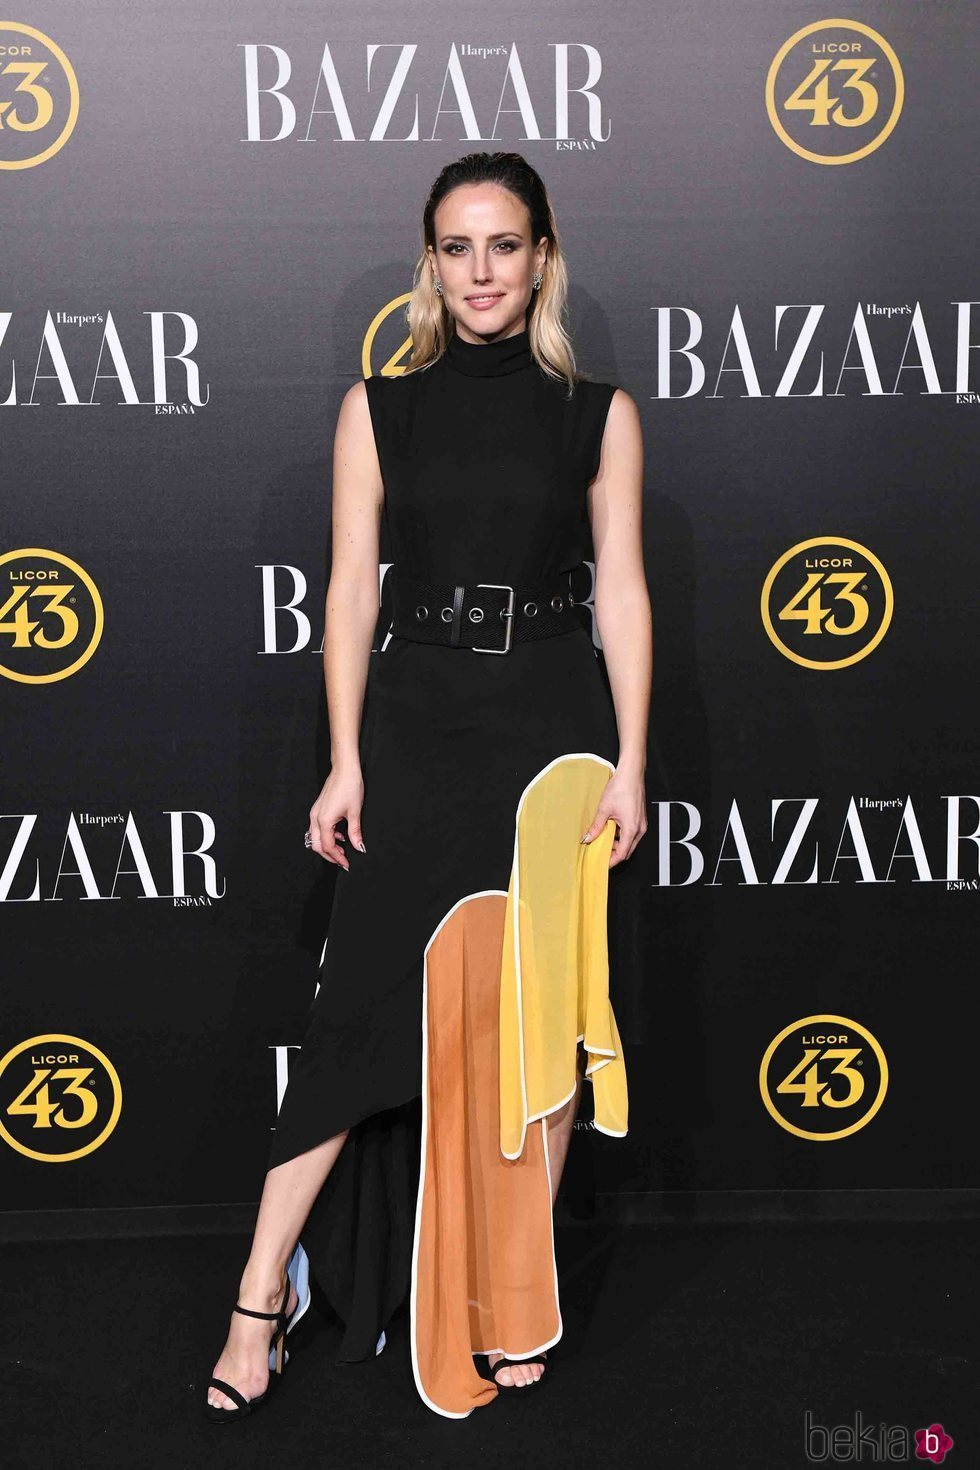 Natalia de Molina en los premios Harper's Bazaar 2019